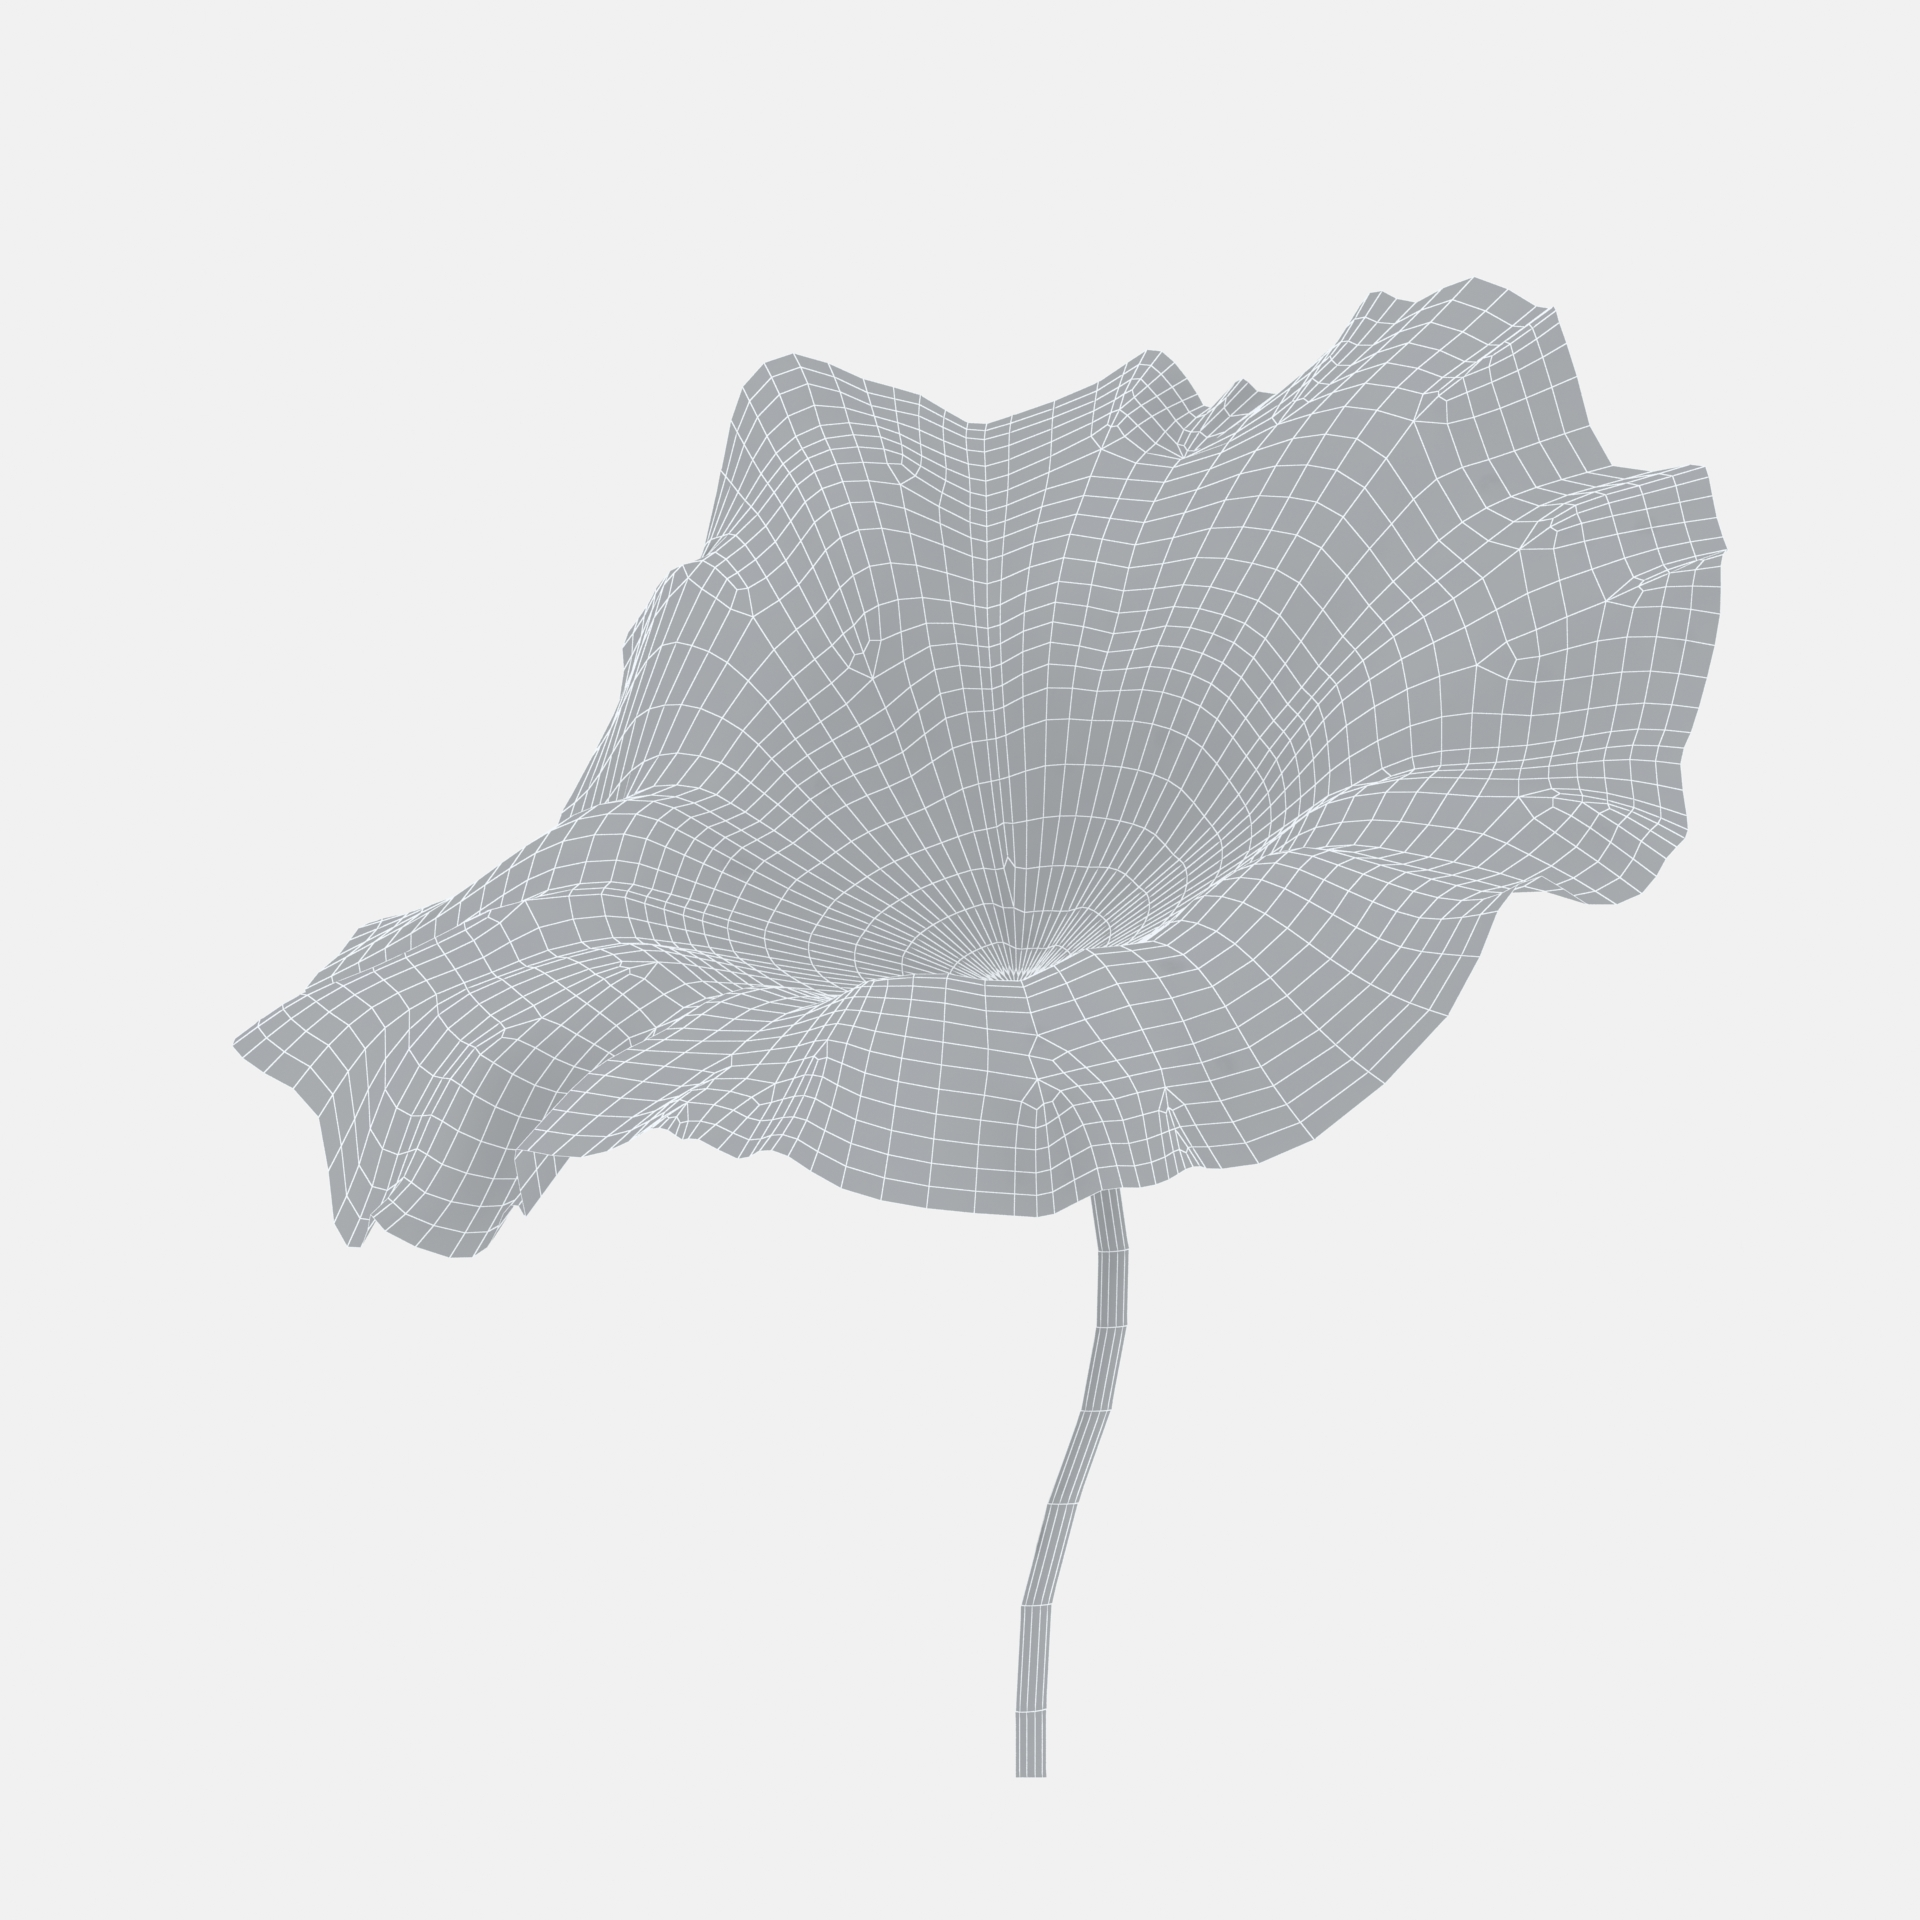 Ink material lotus leaf three-dimensional model 01